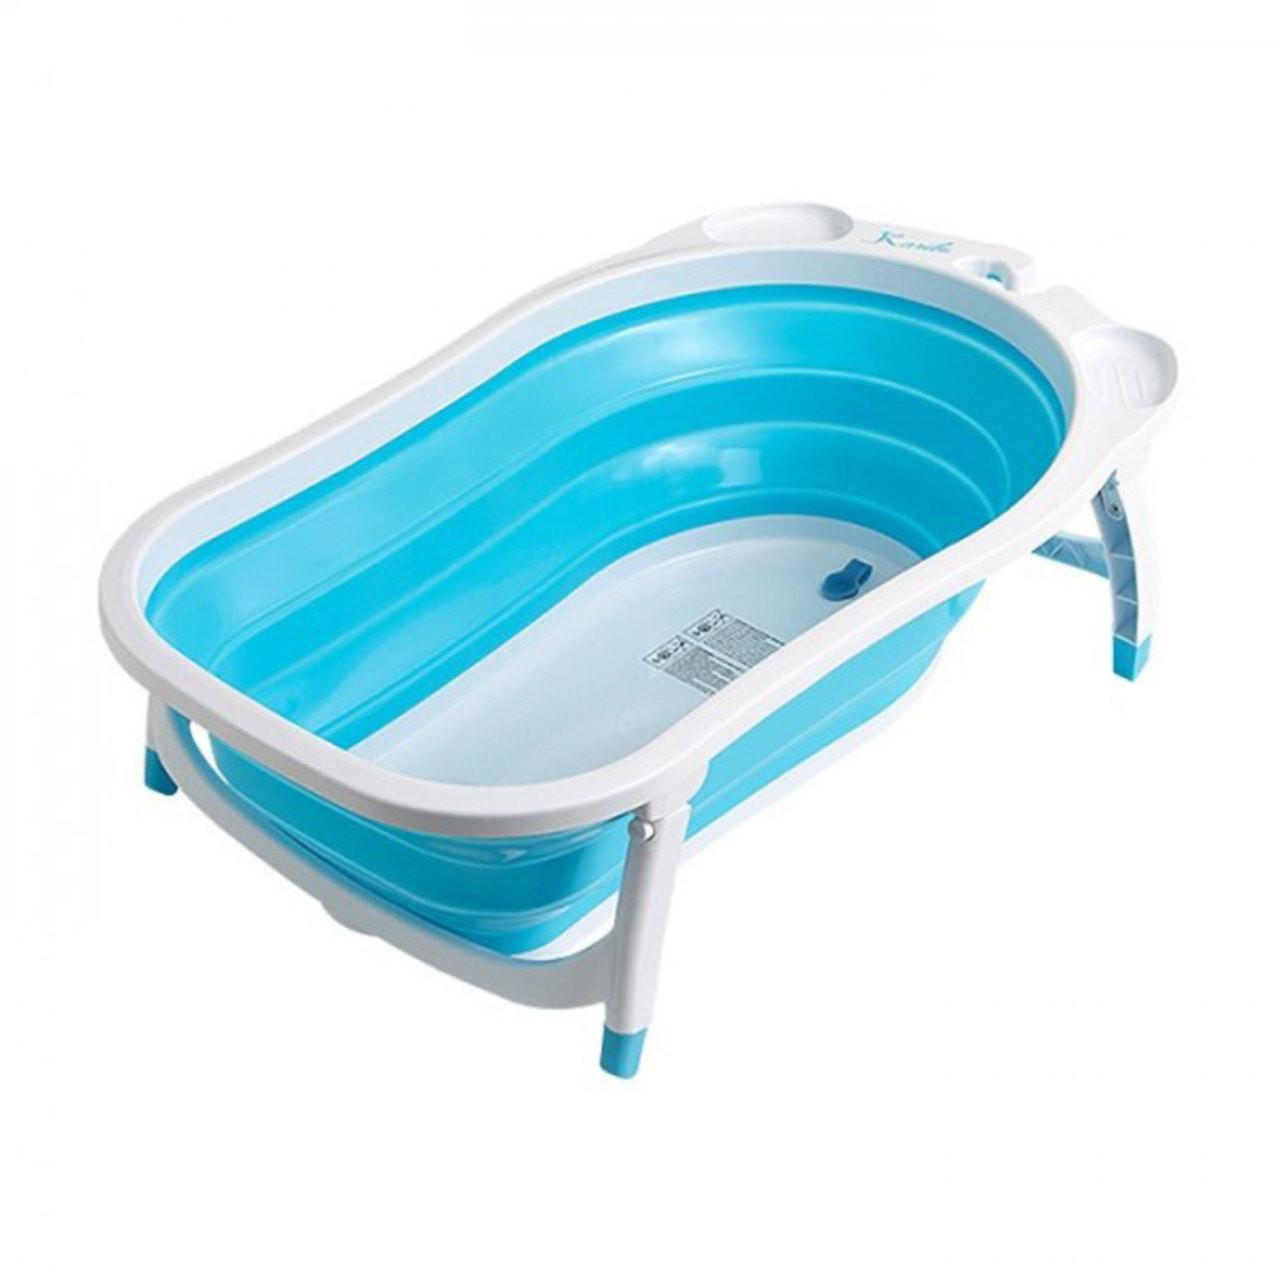 NEW Roger Armstrong Blue Flat Fold Bath Tub 9312321033102   eBay